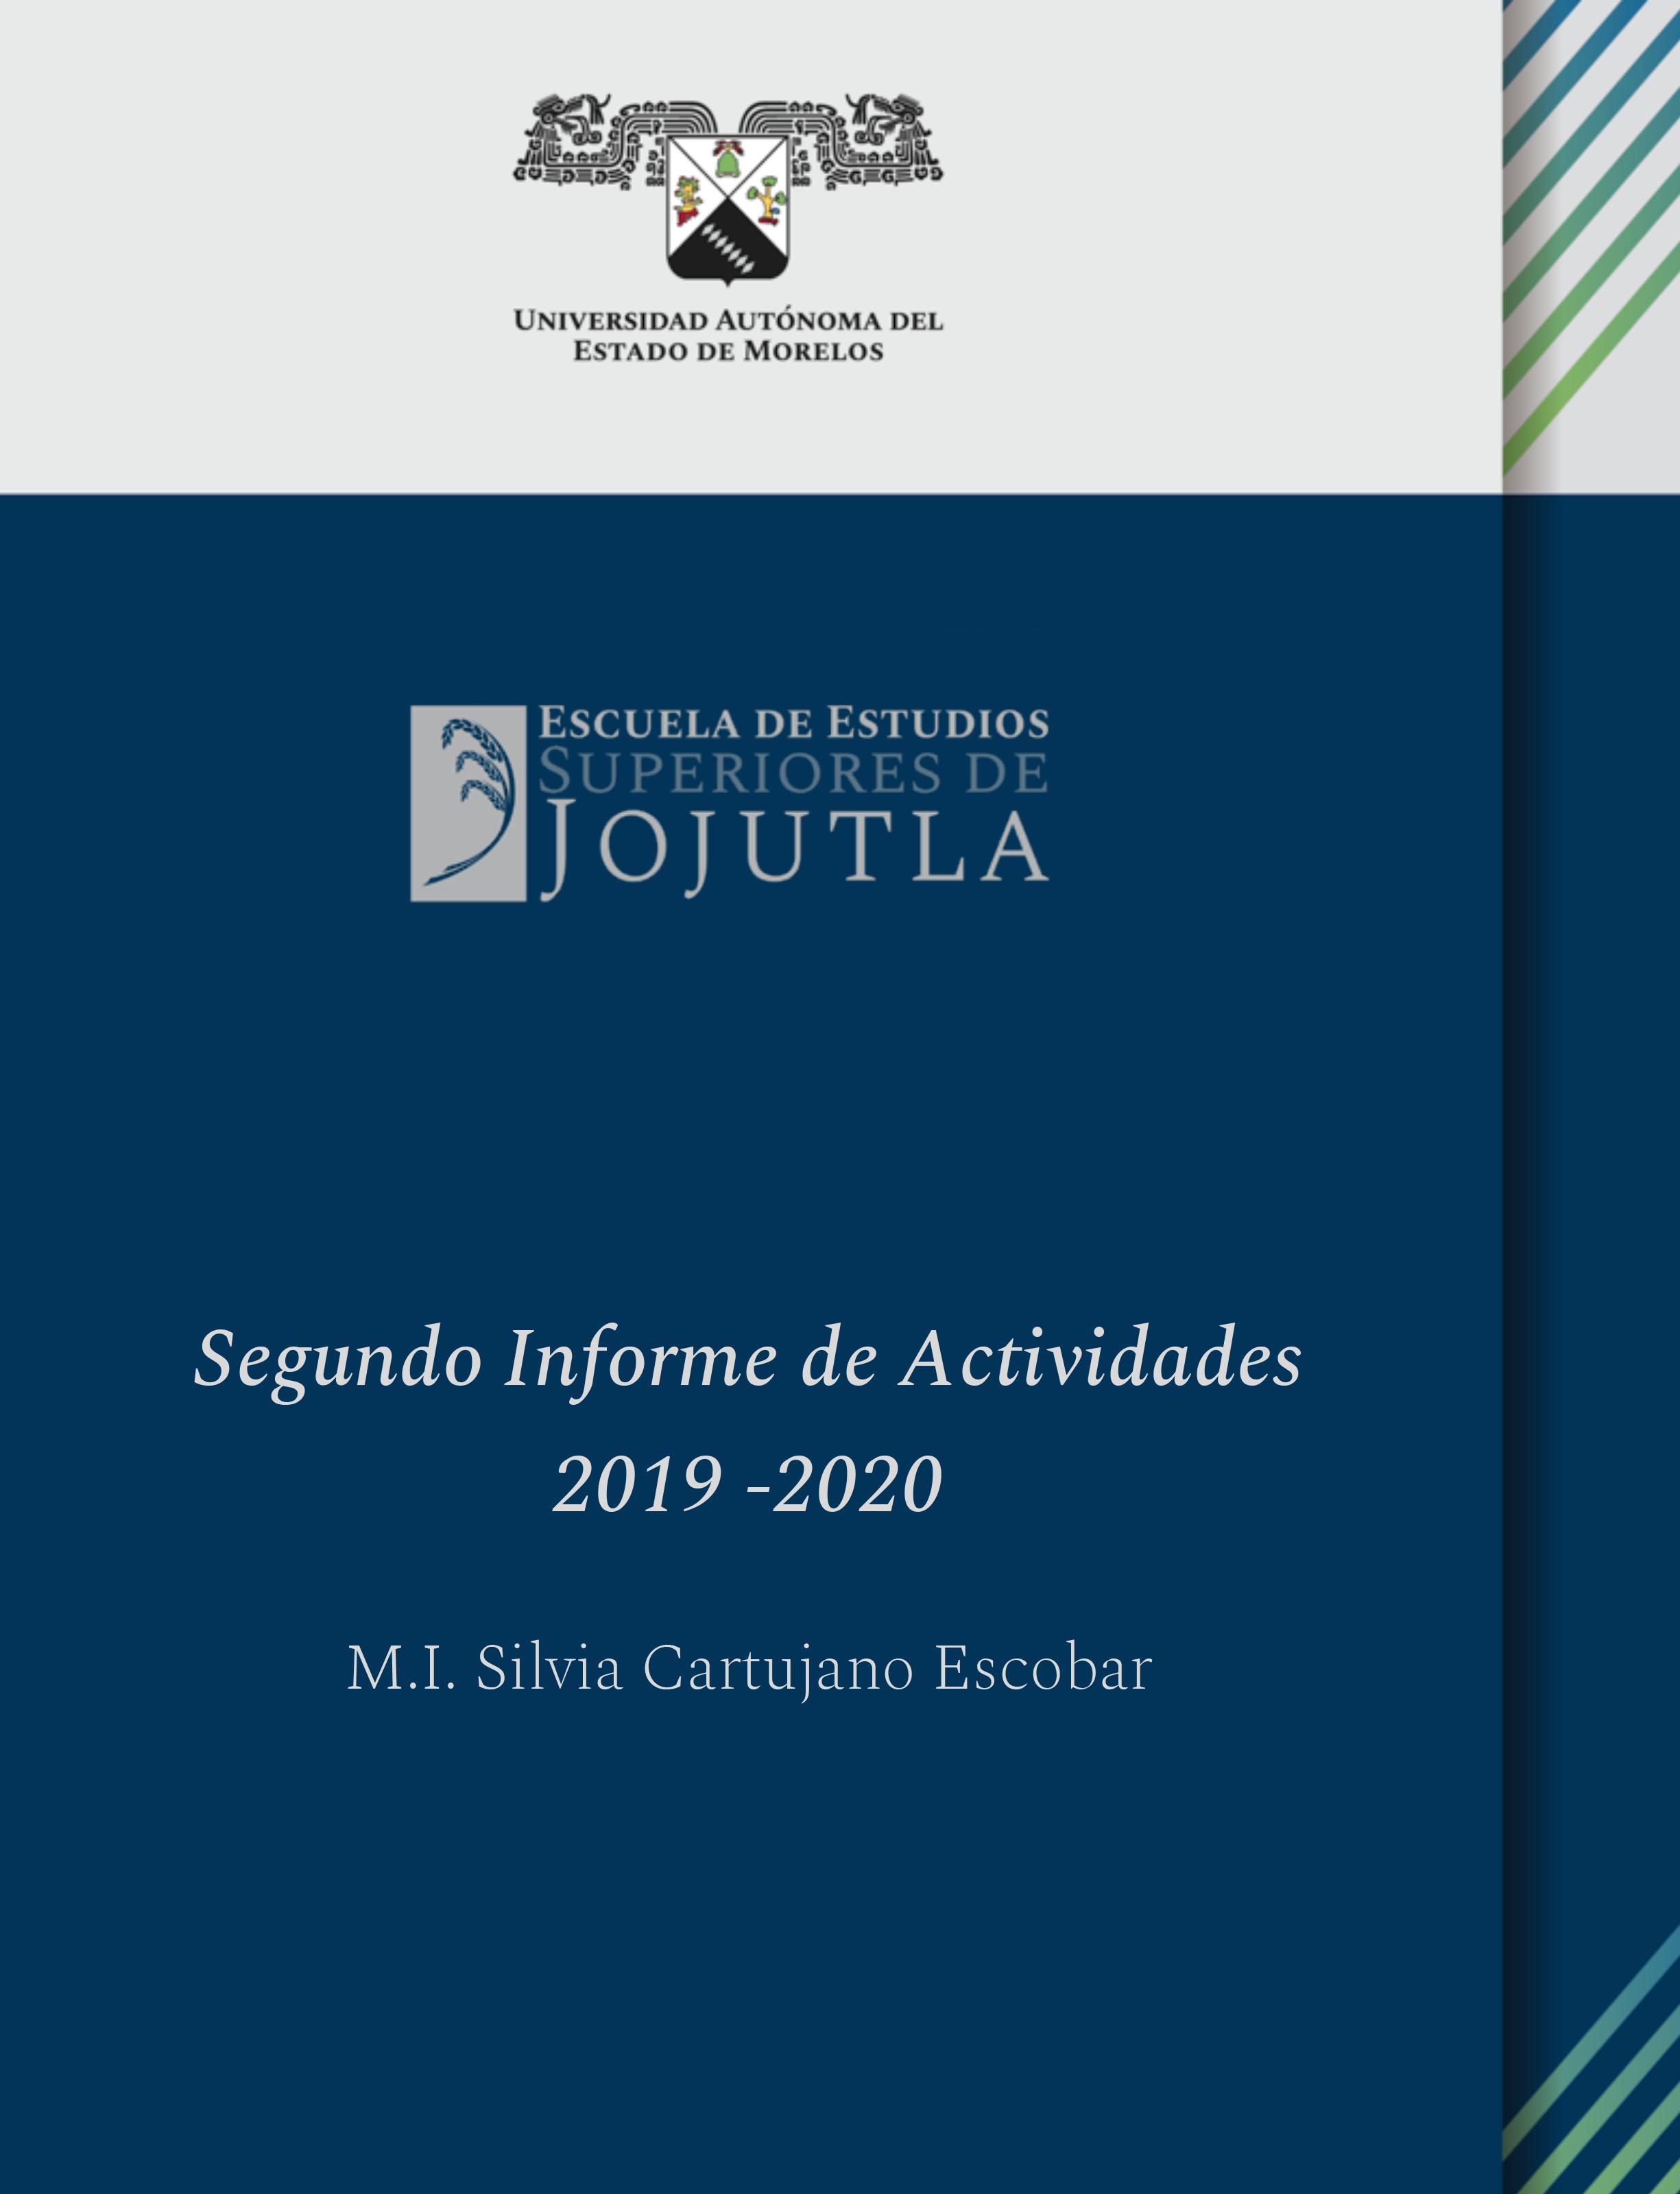 Informe_SCE_2021_II_EESJojutla_01182021-1